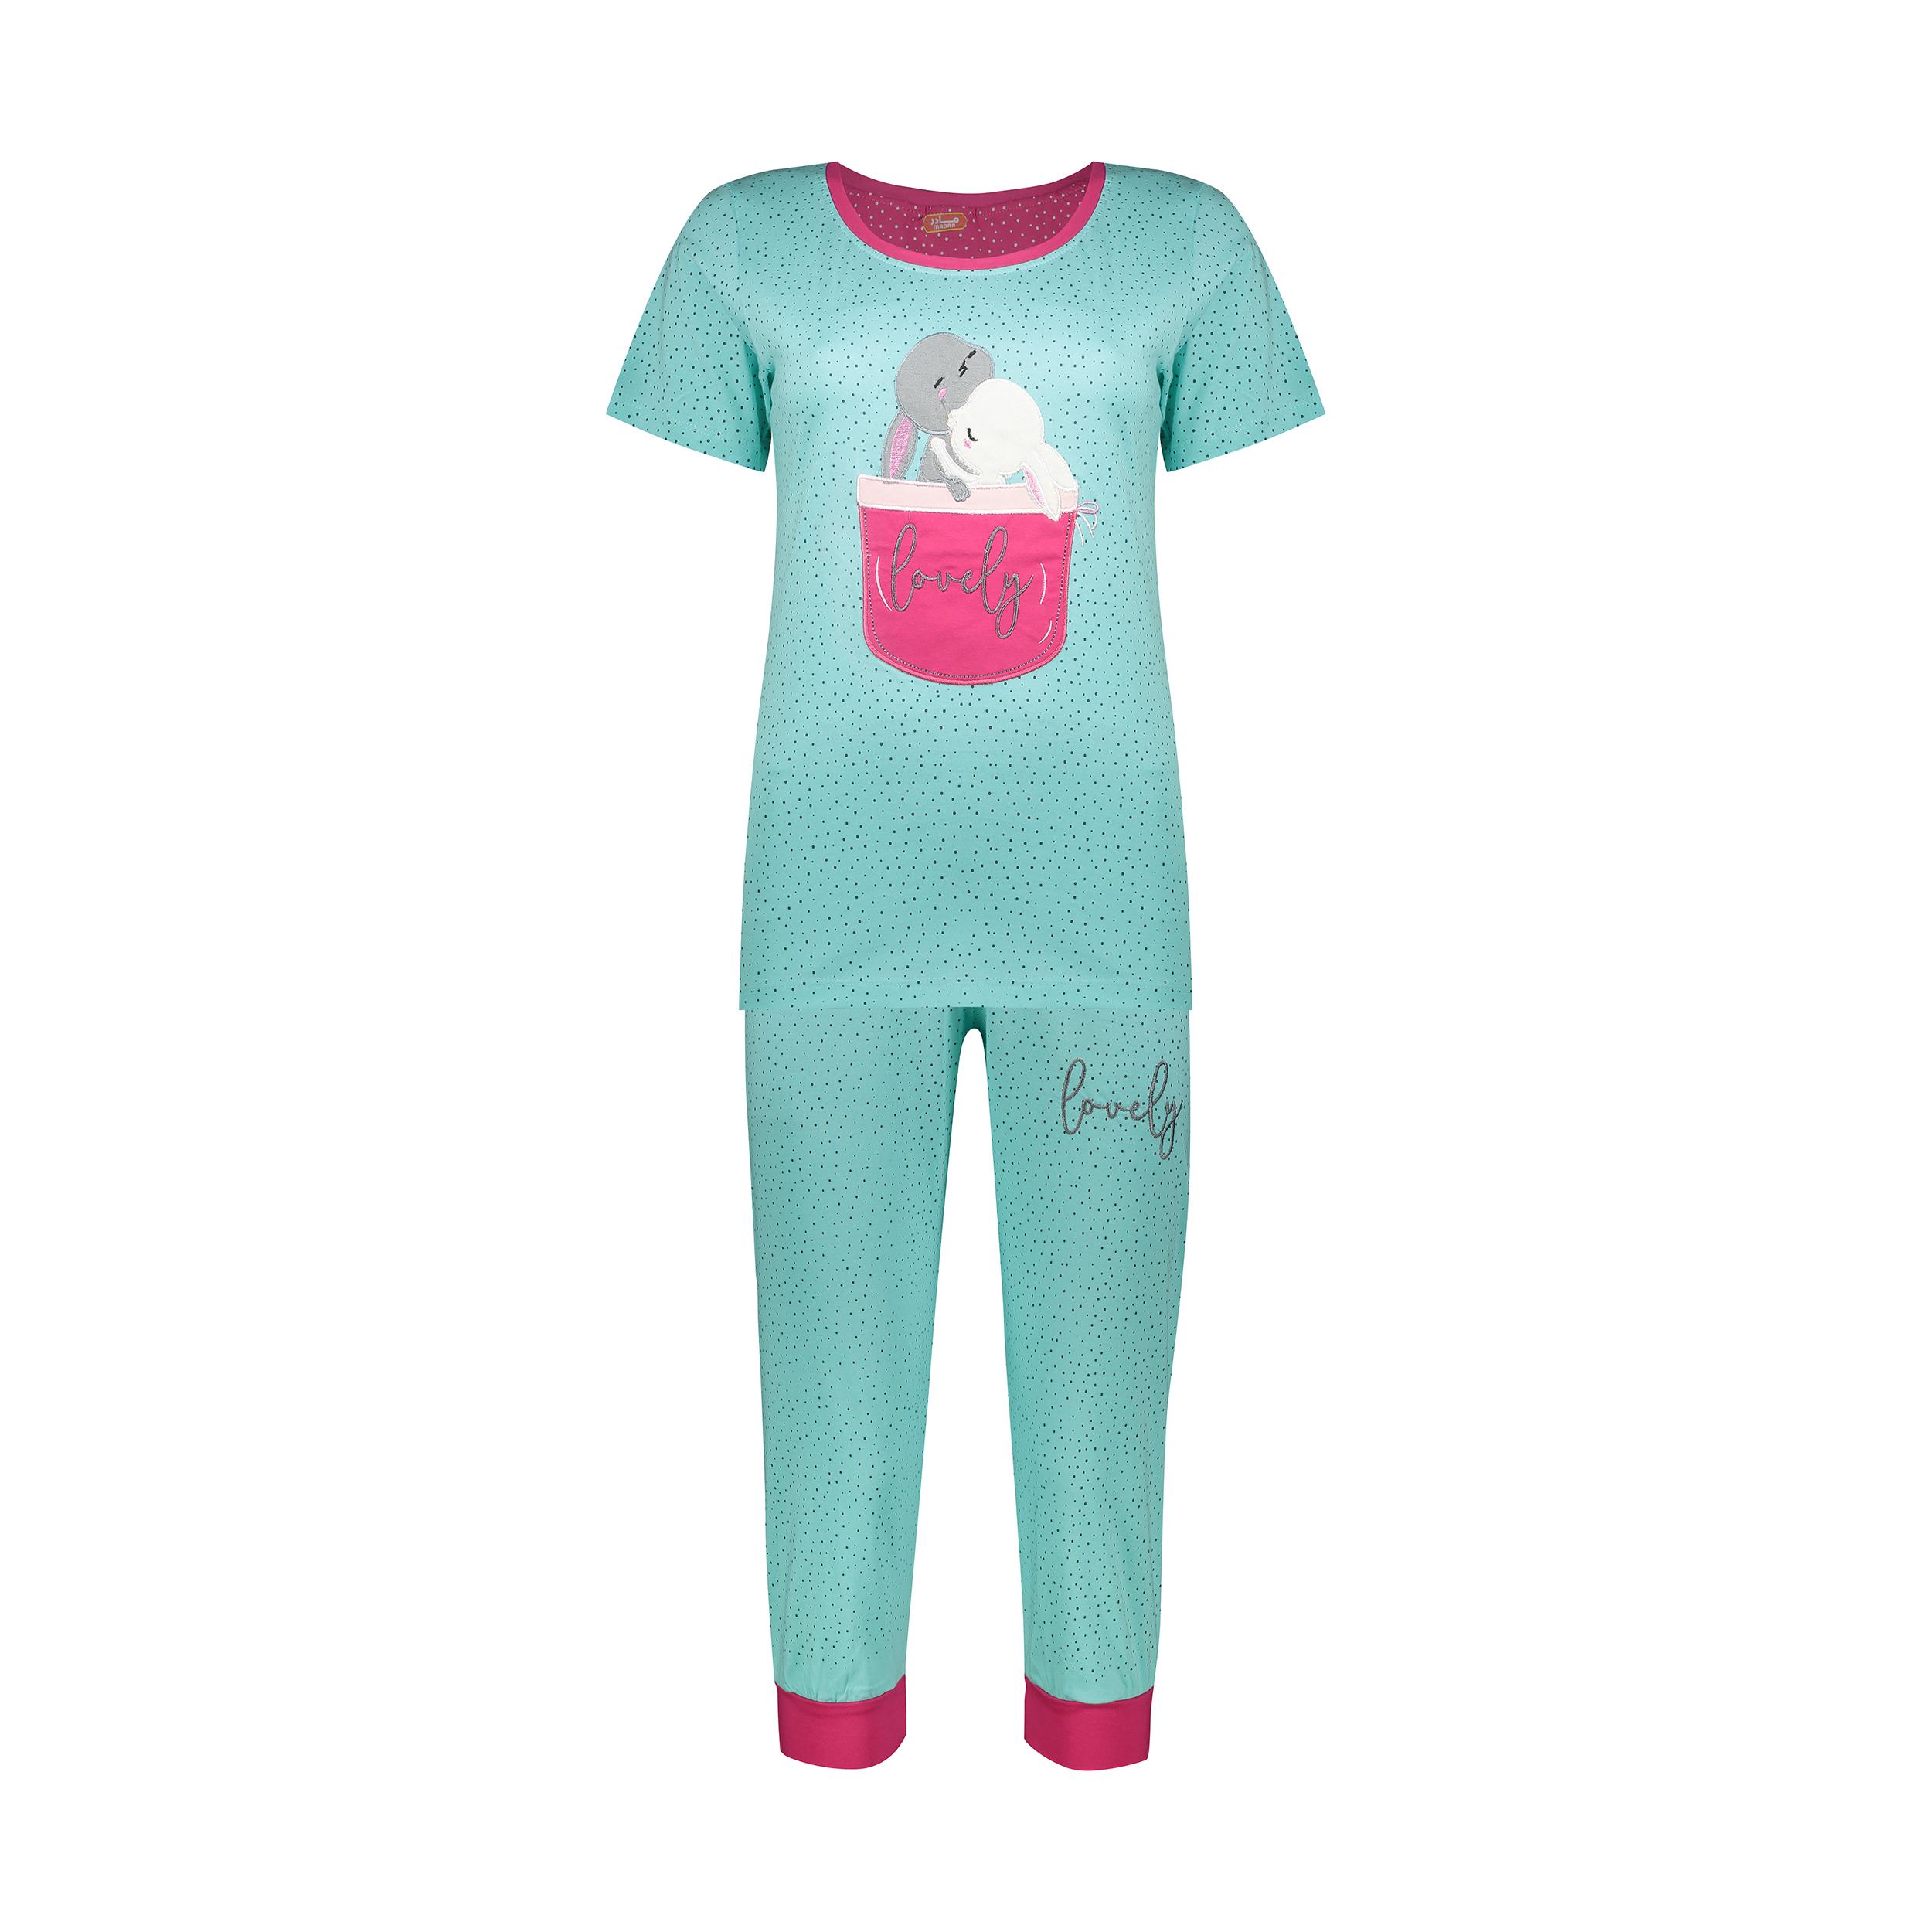 ست تی شرت و شلوارک راحتی زنانه مادر مدل 2041102-54 -  - 2